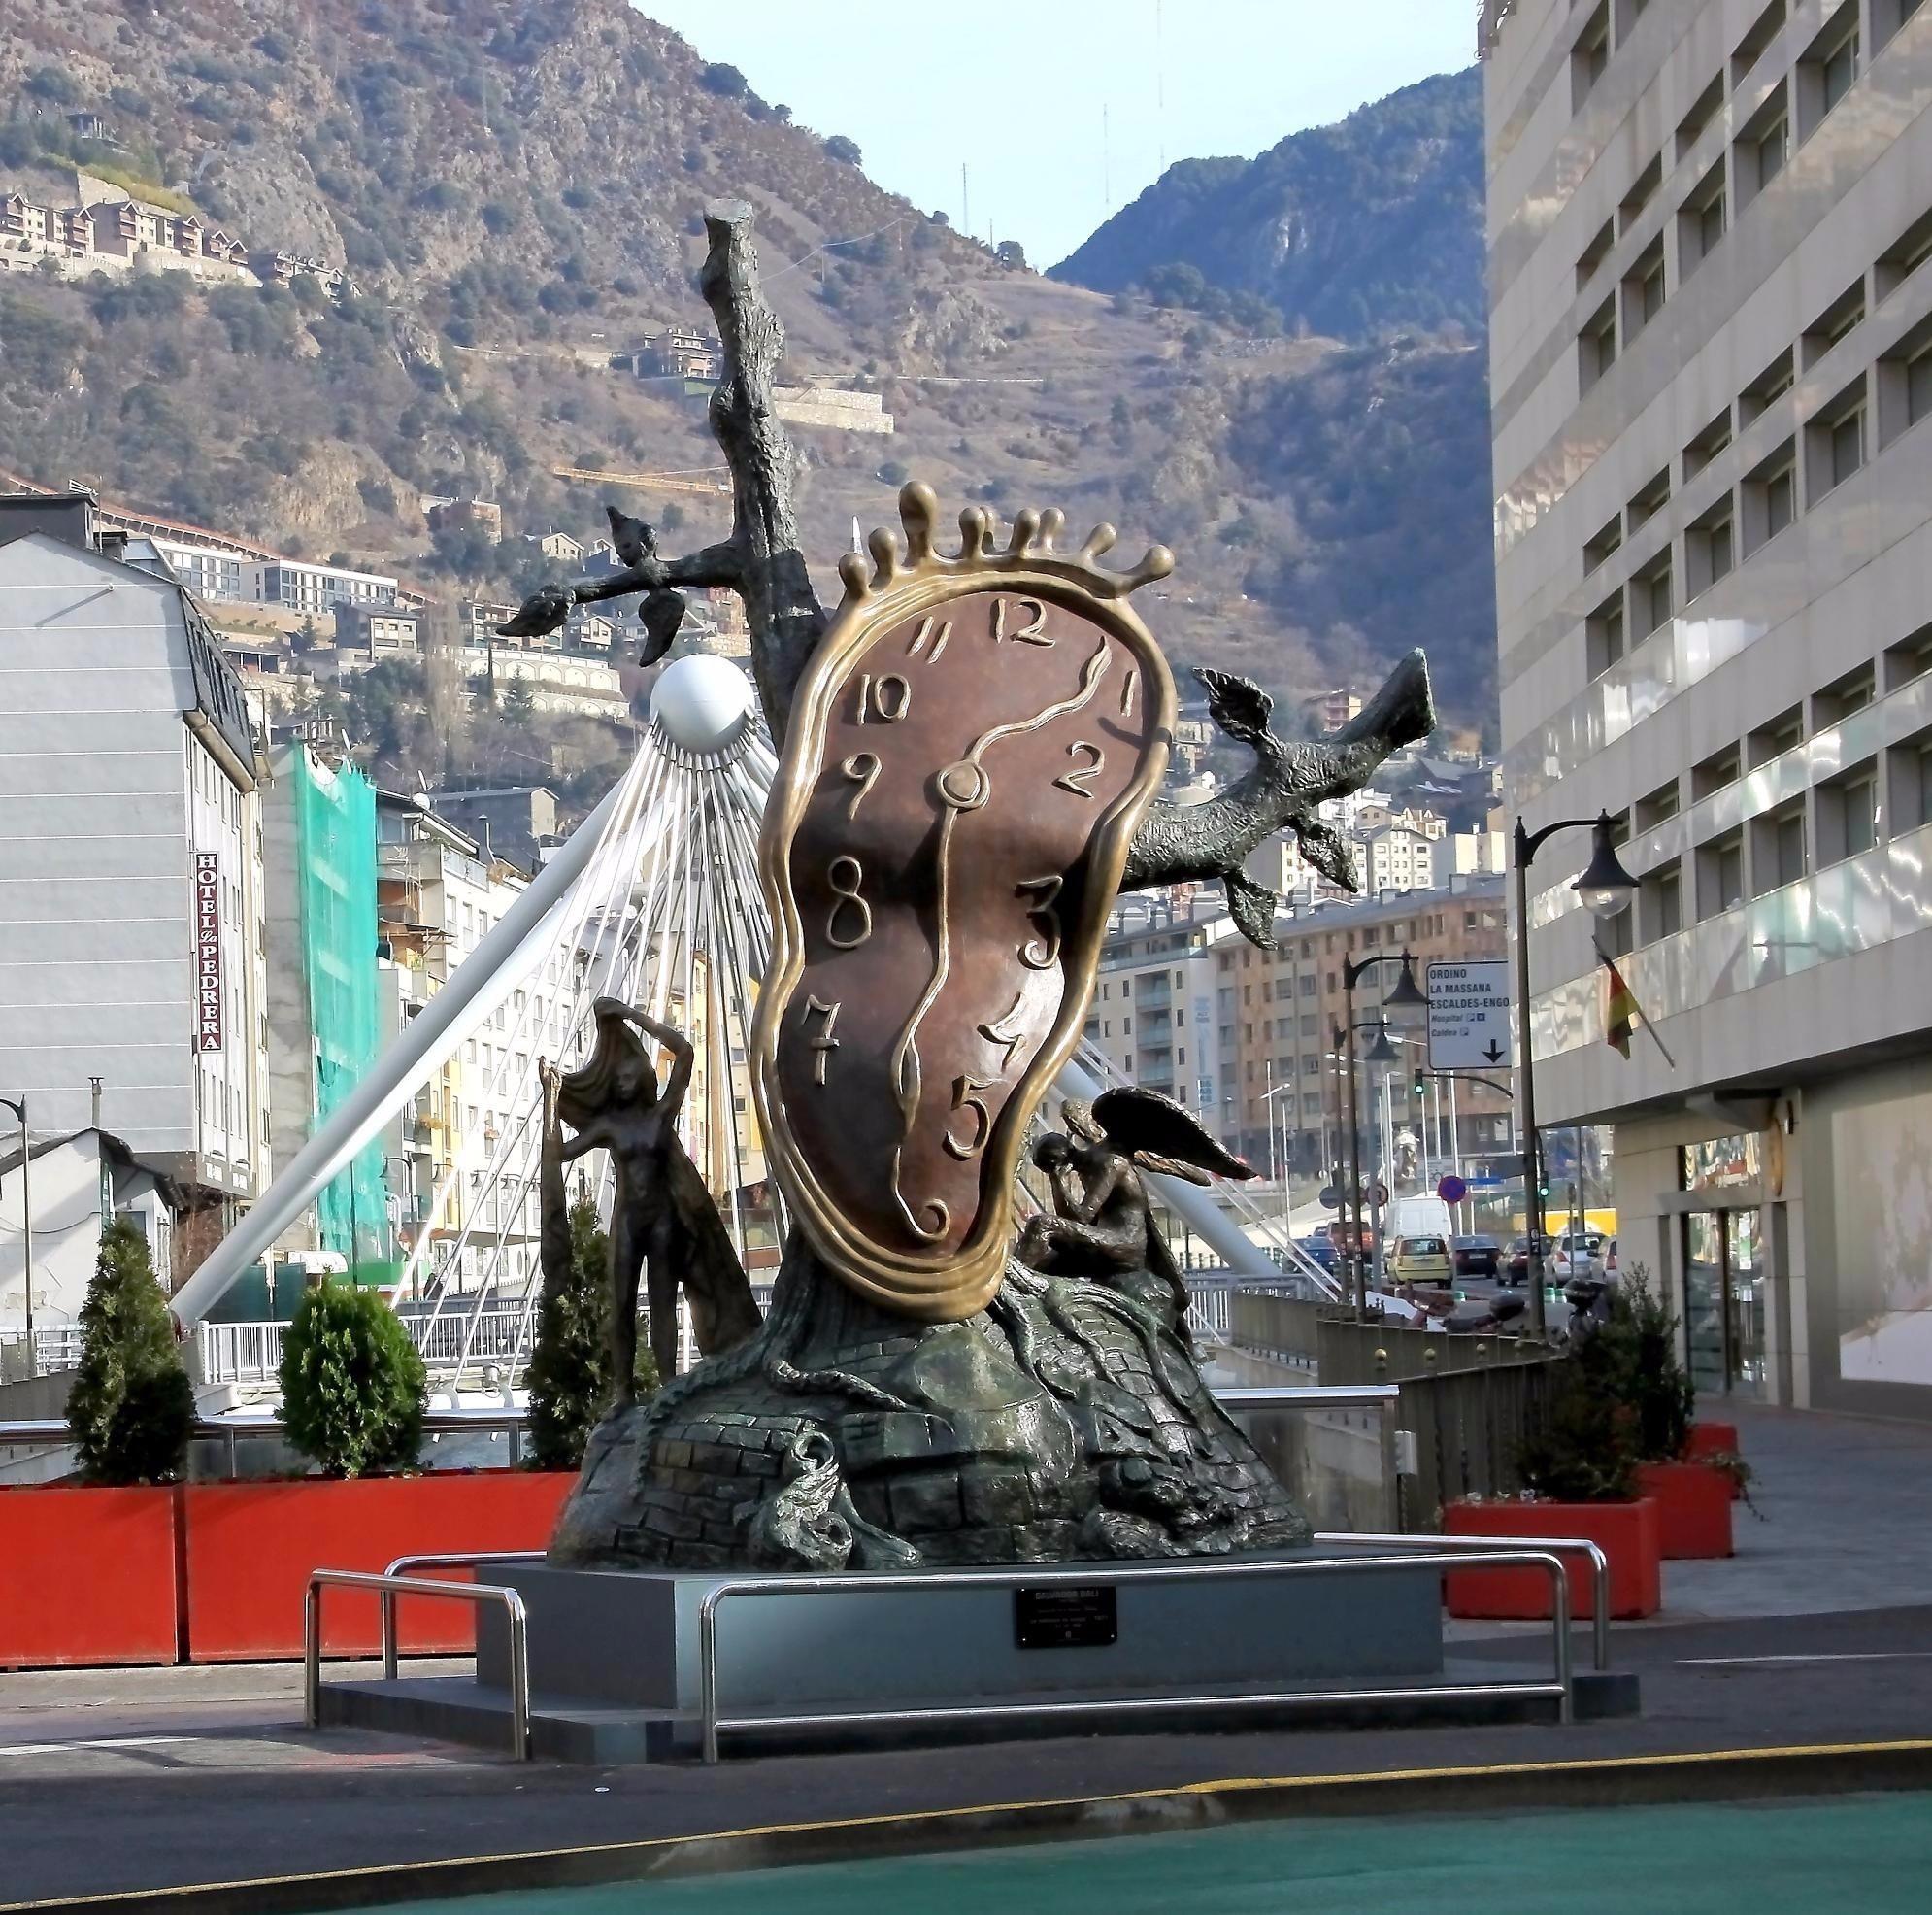 Пятиметровая скульптура Сальвадора Дали установлена в столице Андорры на одной из центральных площадей. Она называется «Благородство времени» и изображает плавящиеся часы.